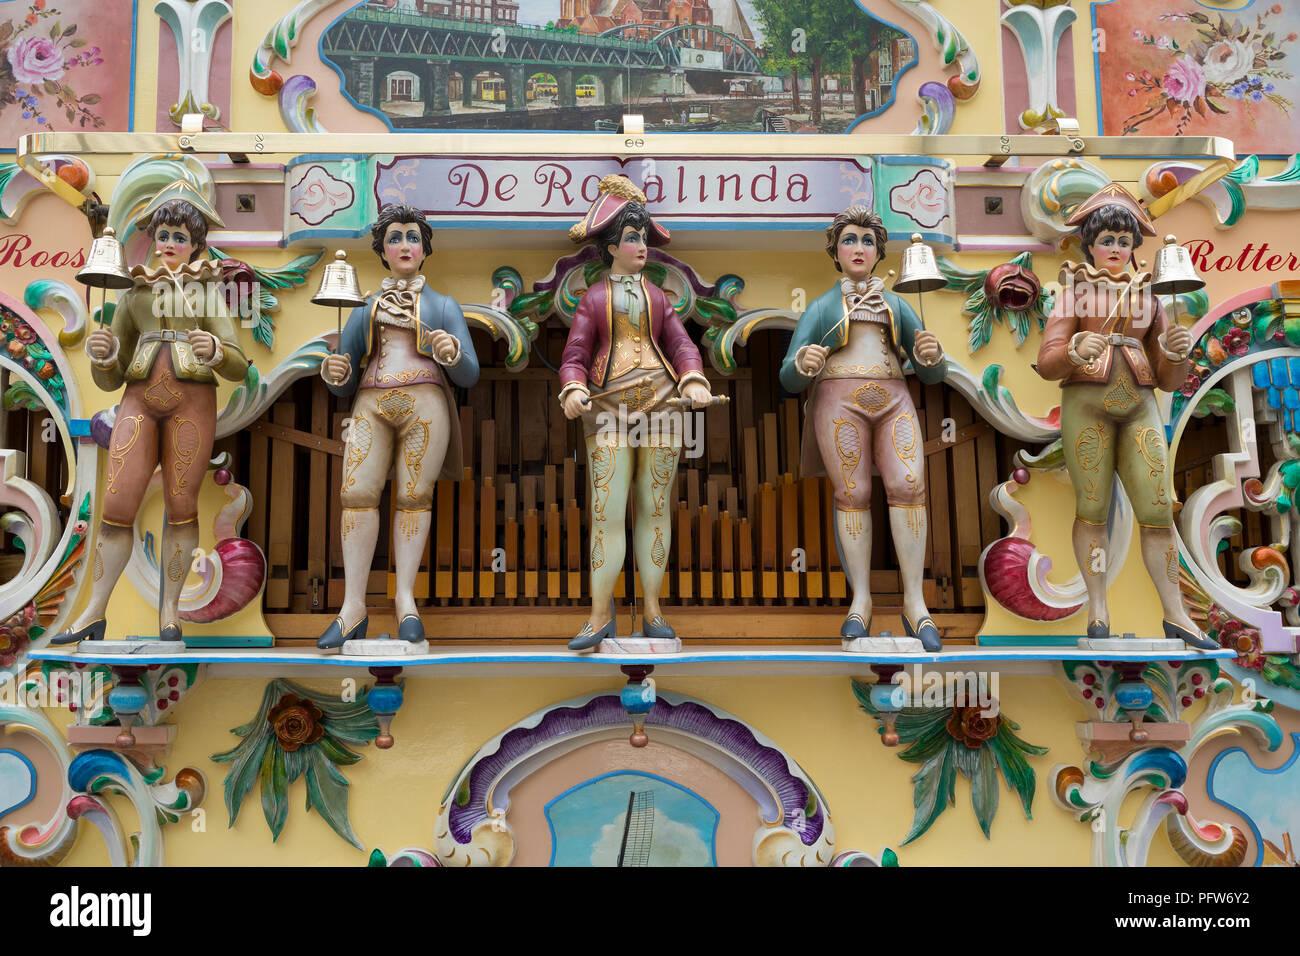 Rotterdam, Países Bajos - Julio 7, 2018: Cerca de las muñecas en una calle tradicional holandés organito llamado Rosalinda Imagen De Stock